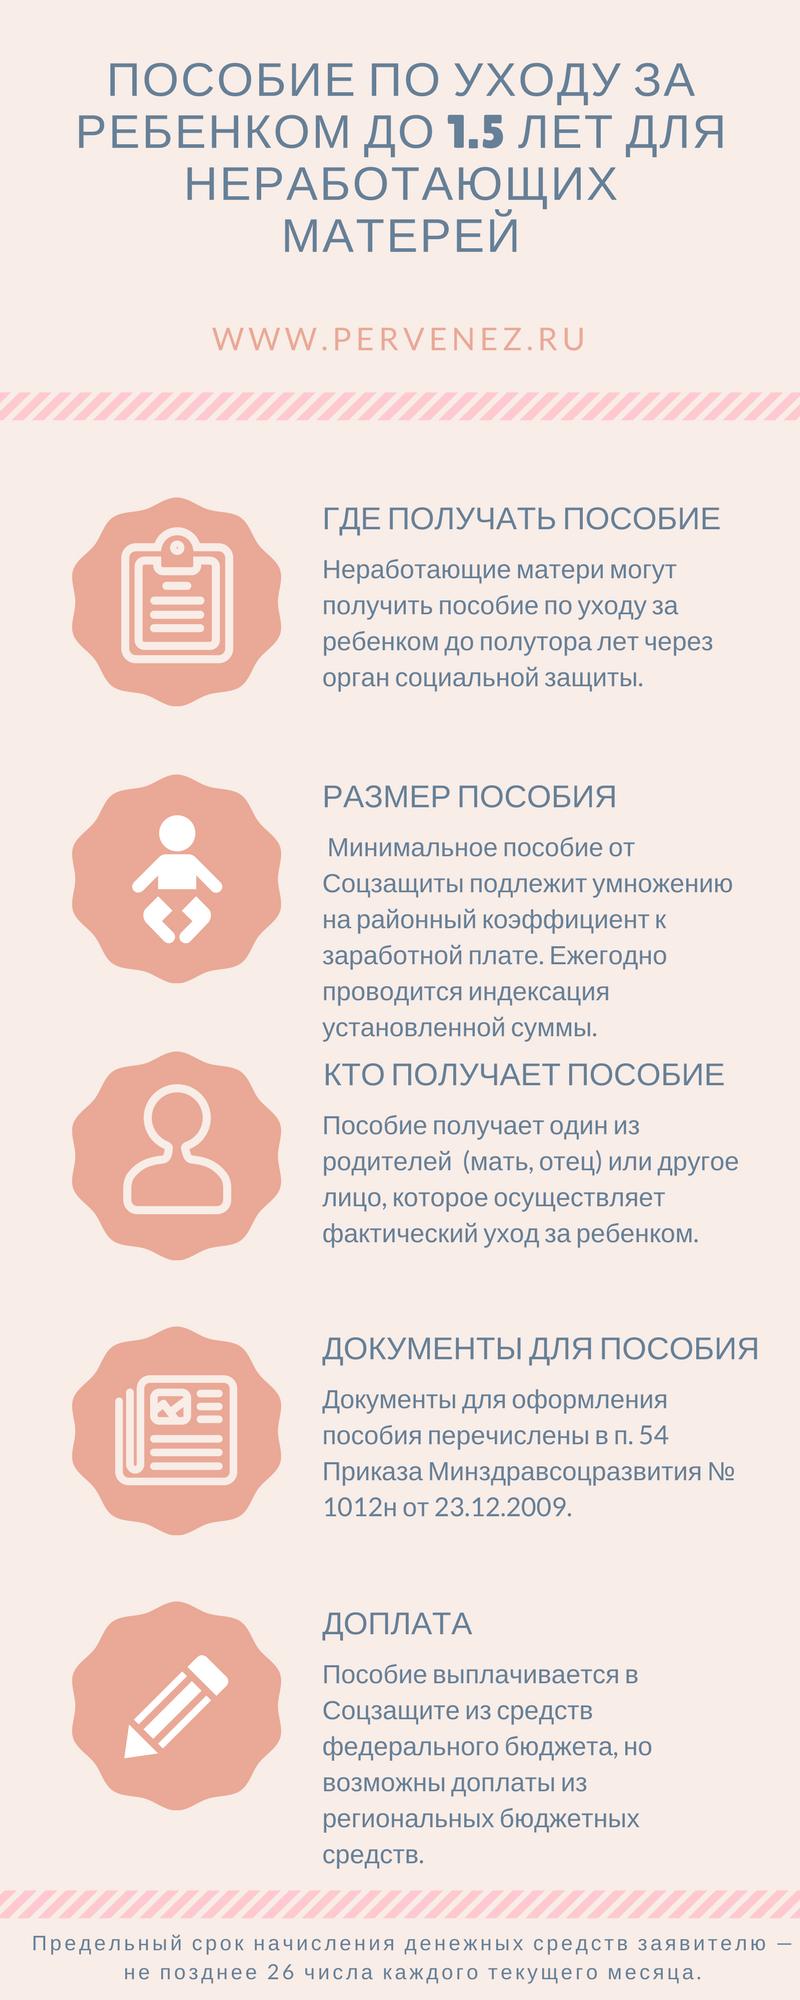 Все категории неработающих могут обратиться в отдел соцзащиты (осзн) по месту регистрации за получением следующих пособий: при рождении ребенка; по уходу за ребенком до 1,5 лет; на ребенка до 16 (18) лет.